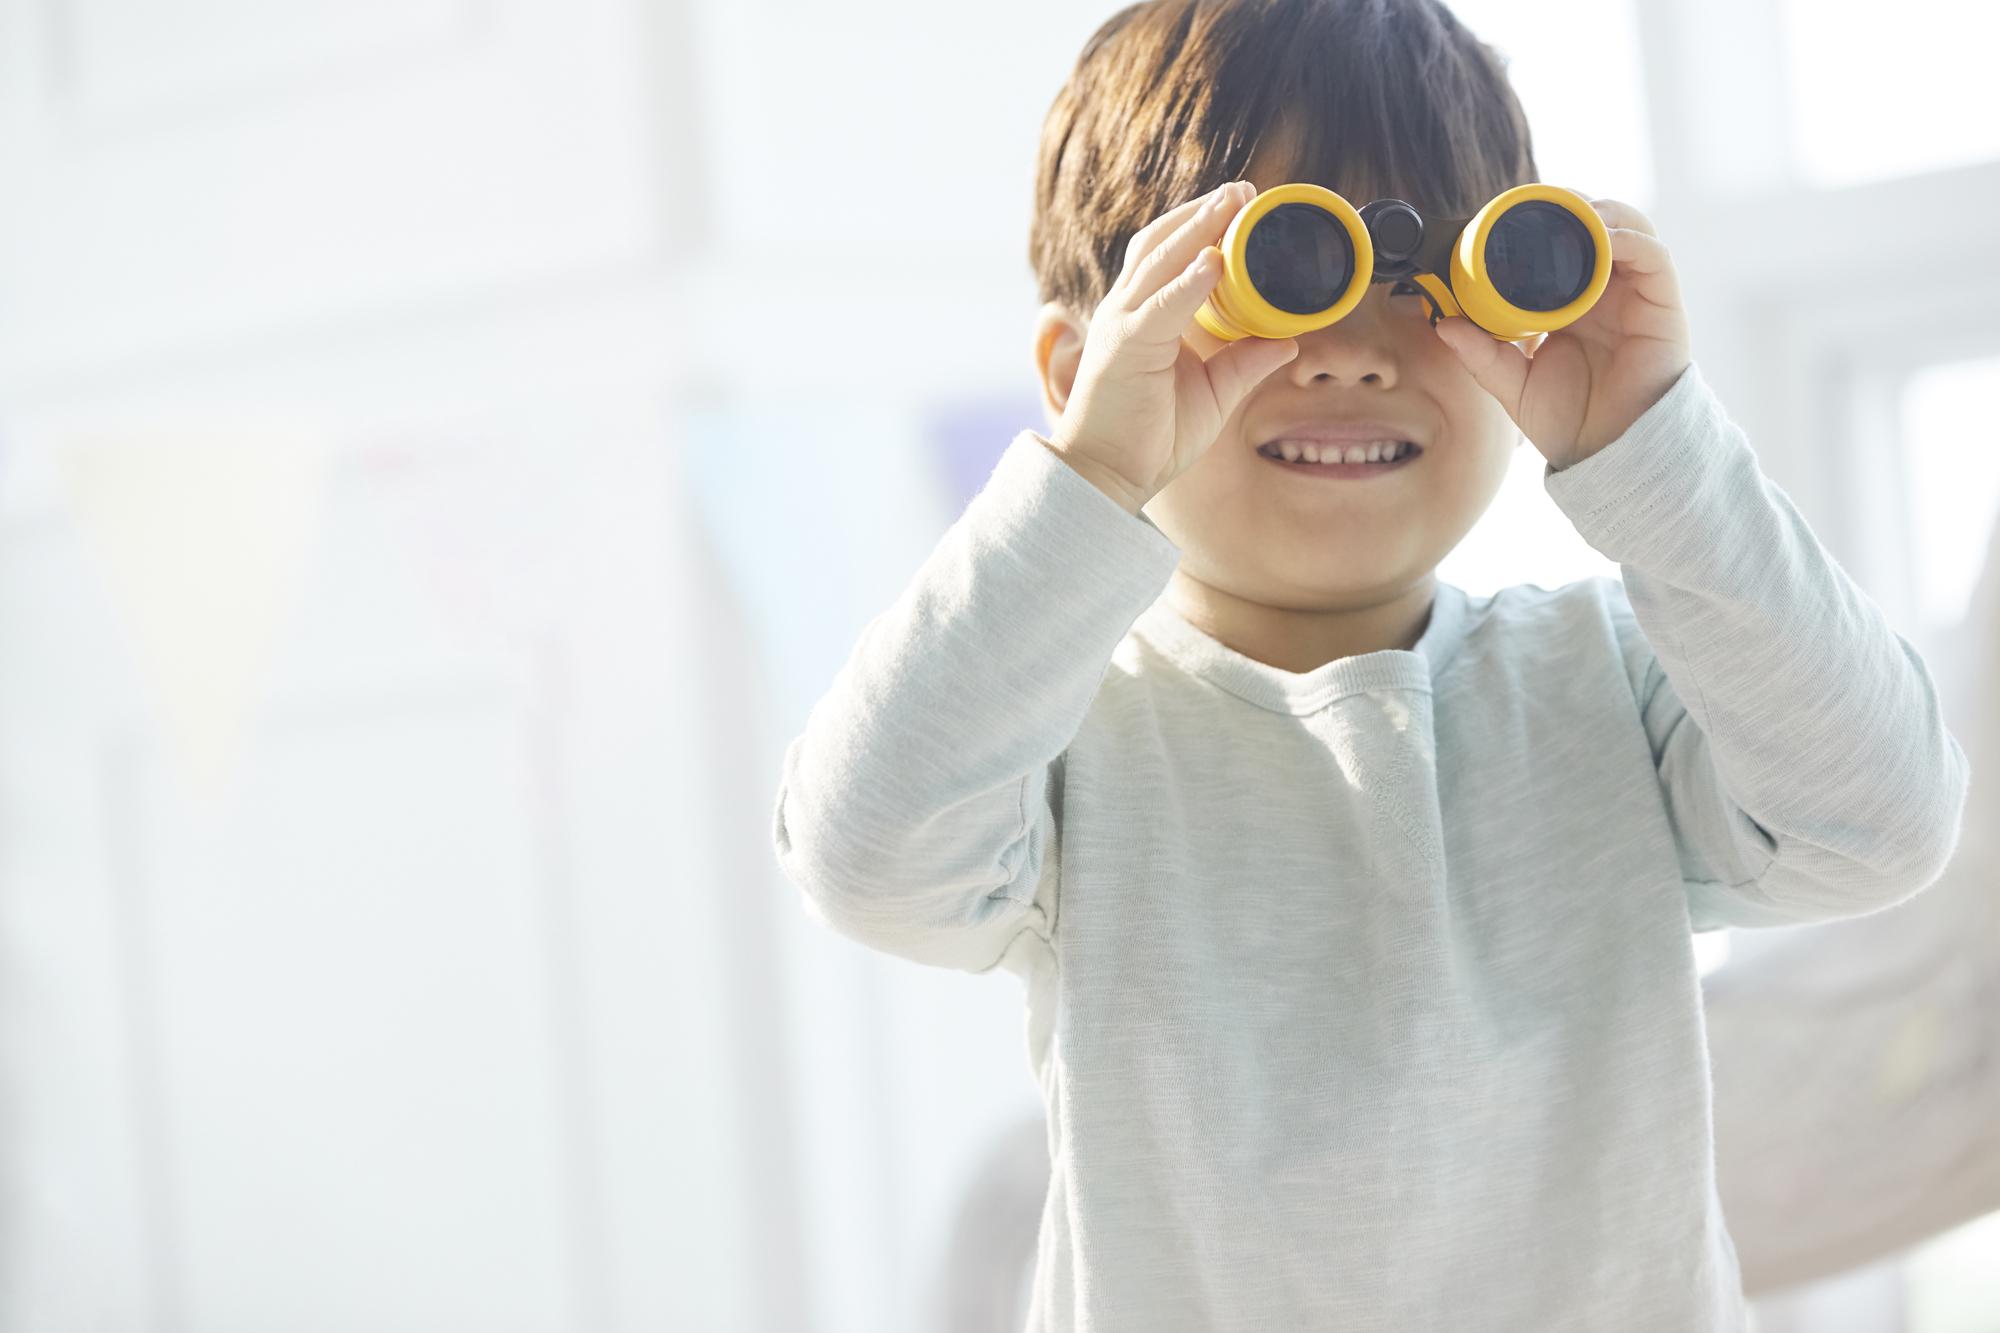 発達障害の種類|保育士が認識しておくべき知識